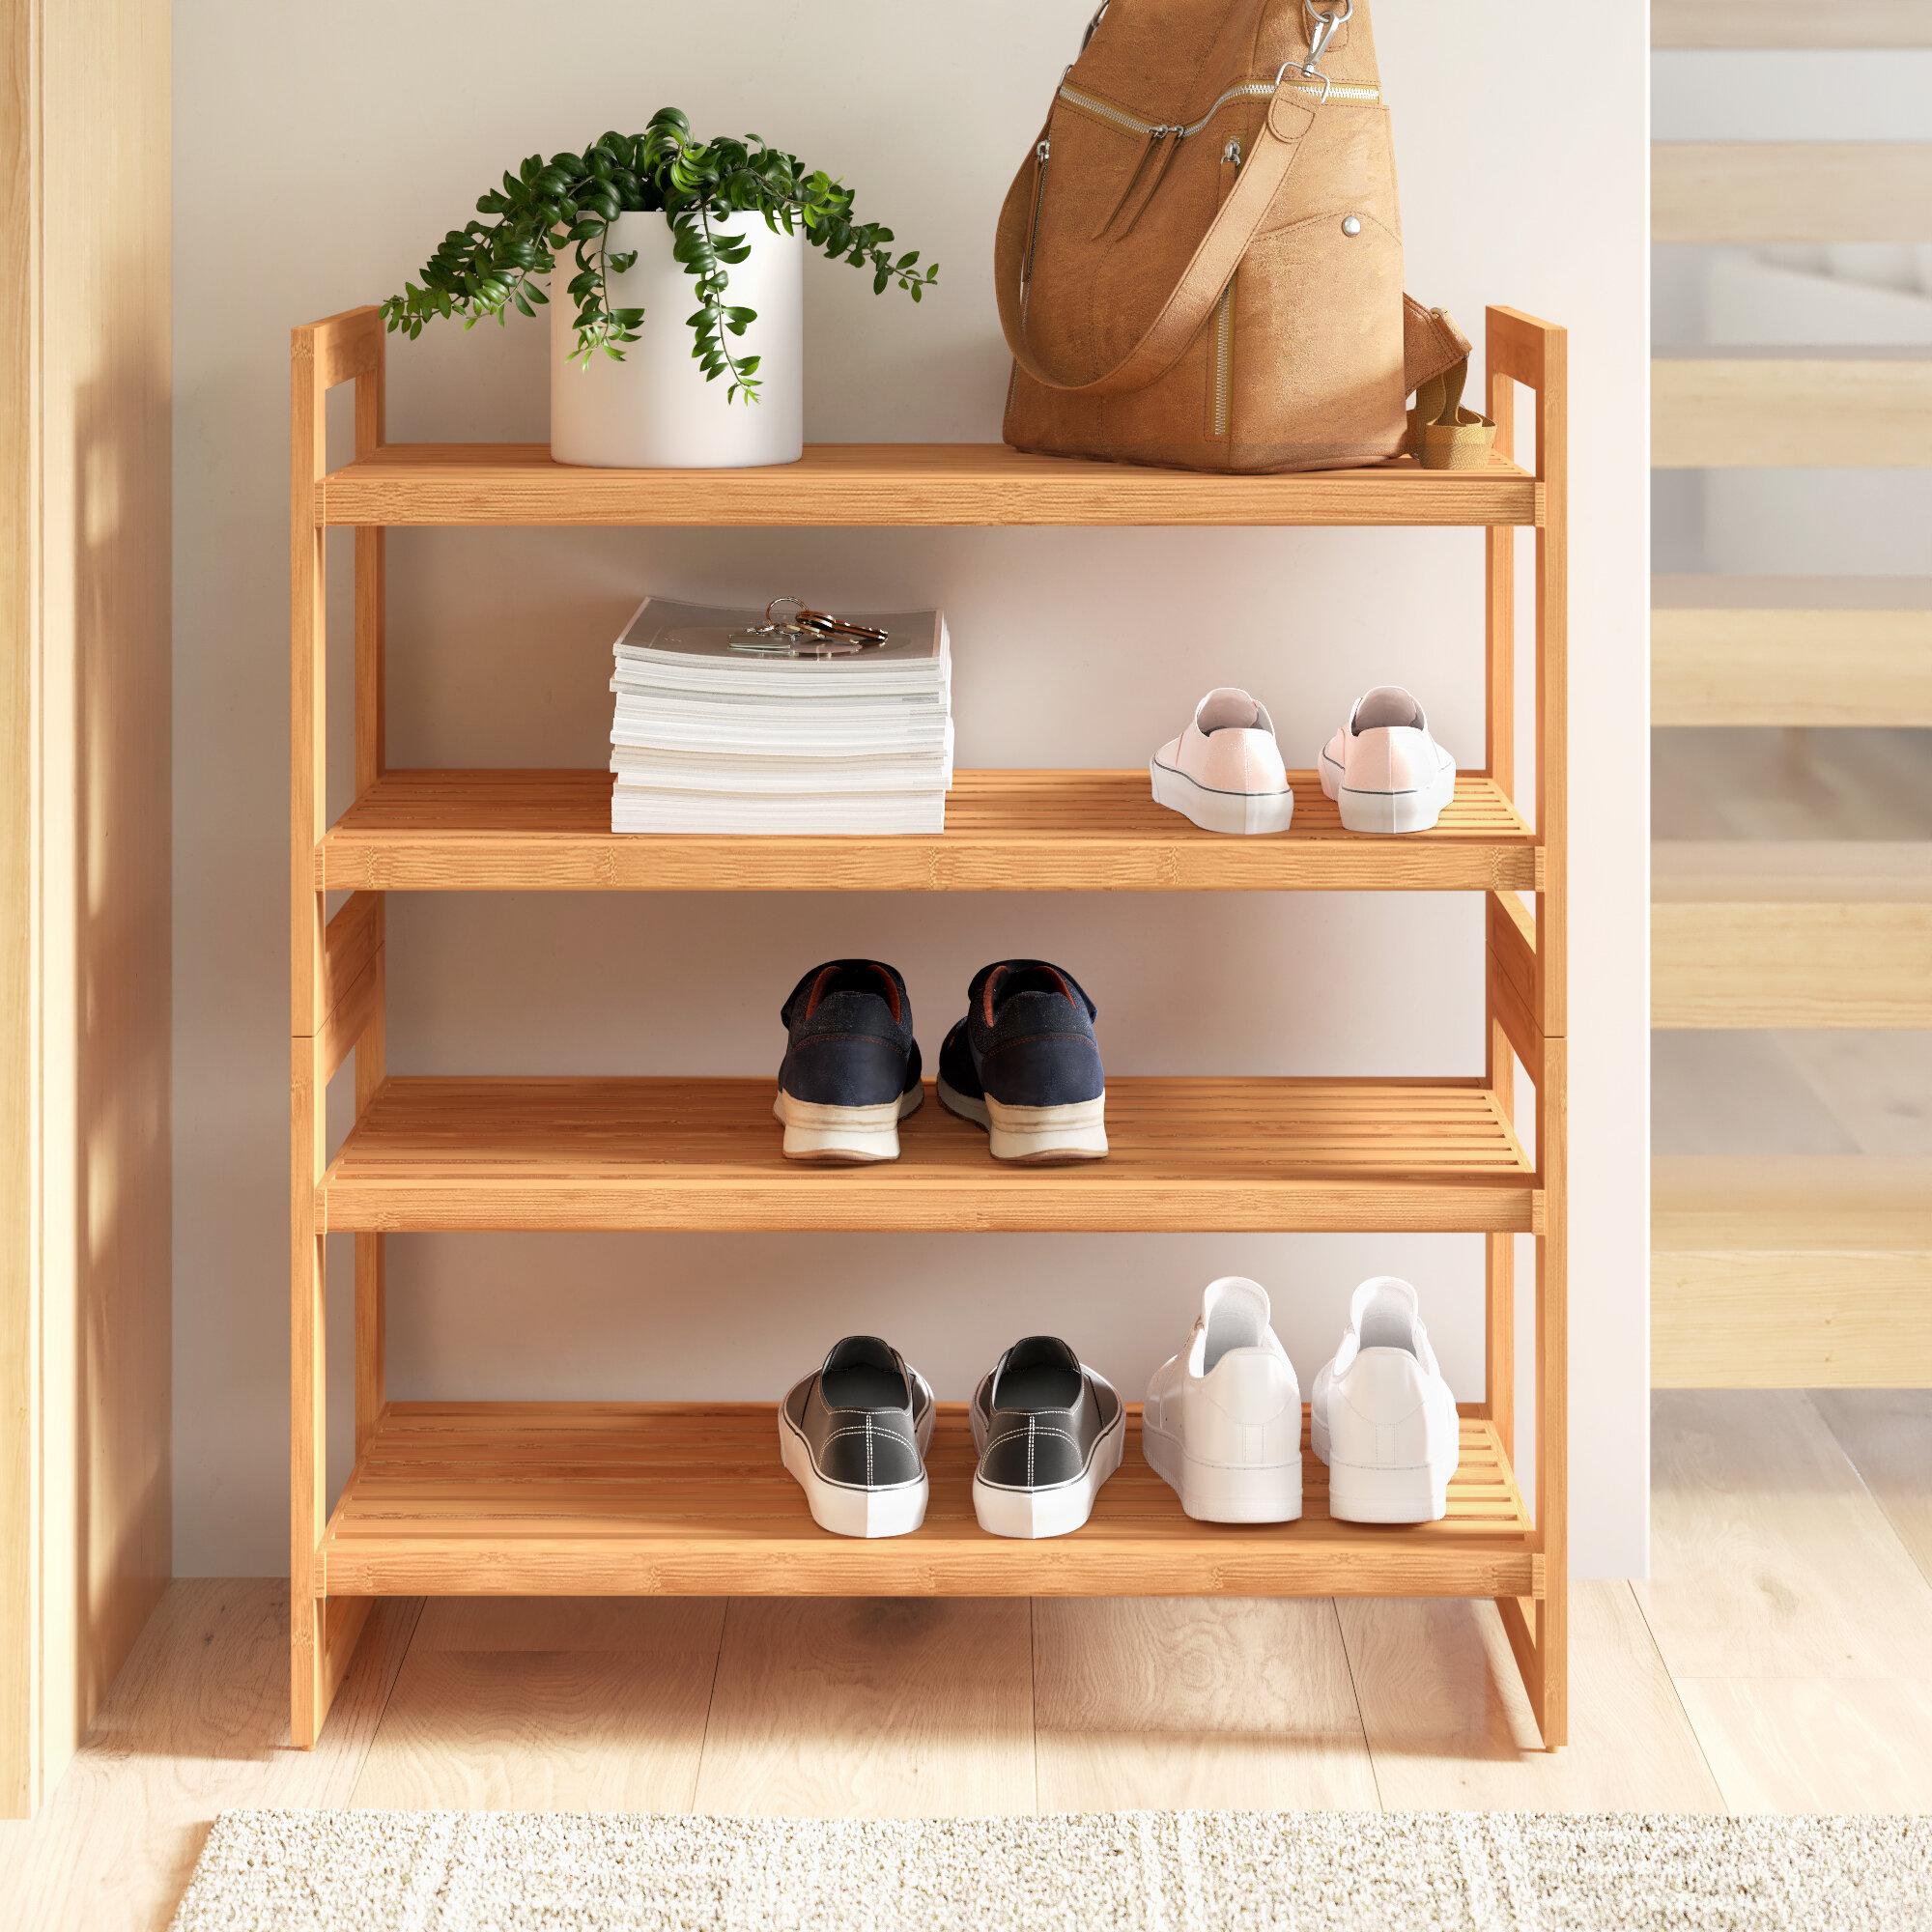 4 Tier Shoe Rack Natural Wood Slated Shelf Storage Organiser Stand Unit Holder